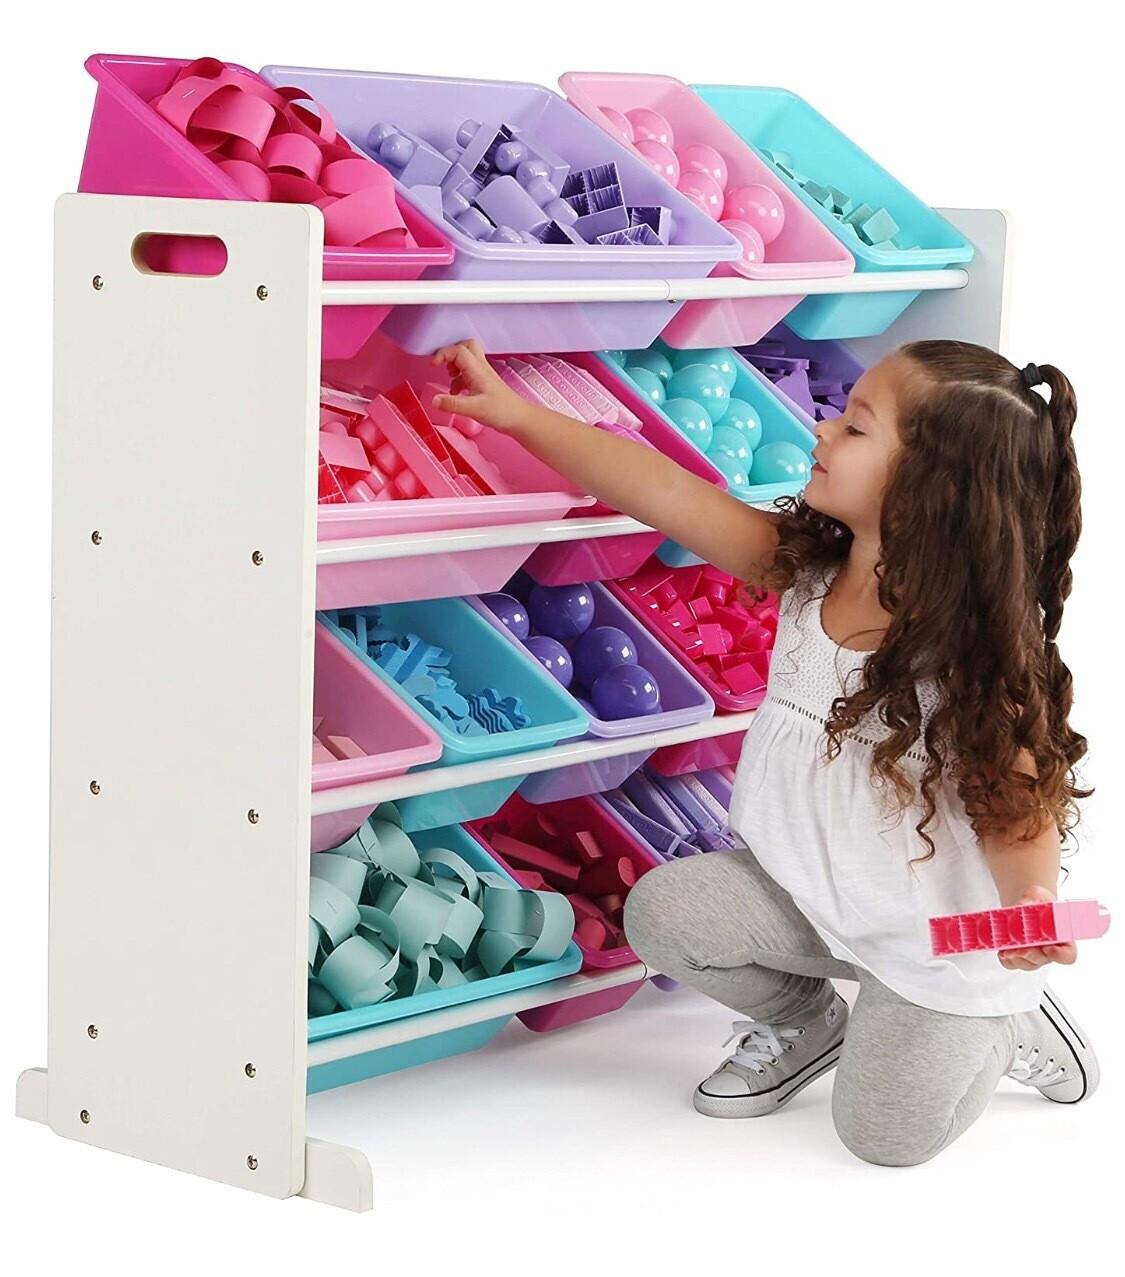 Organizador para almacenamiento de juguetes para niños, Plástico, Blanco/Azul/Rosa/Púrpura